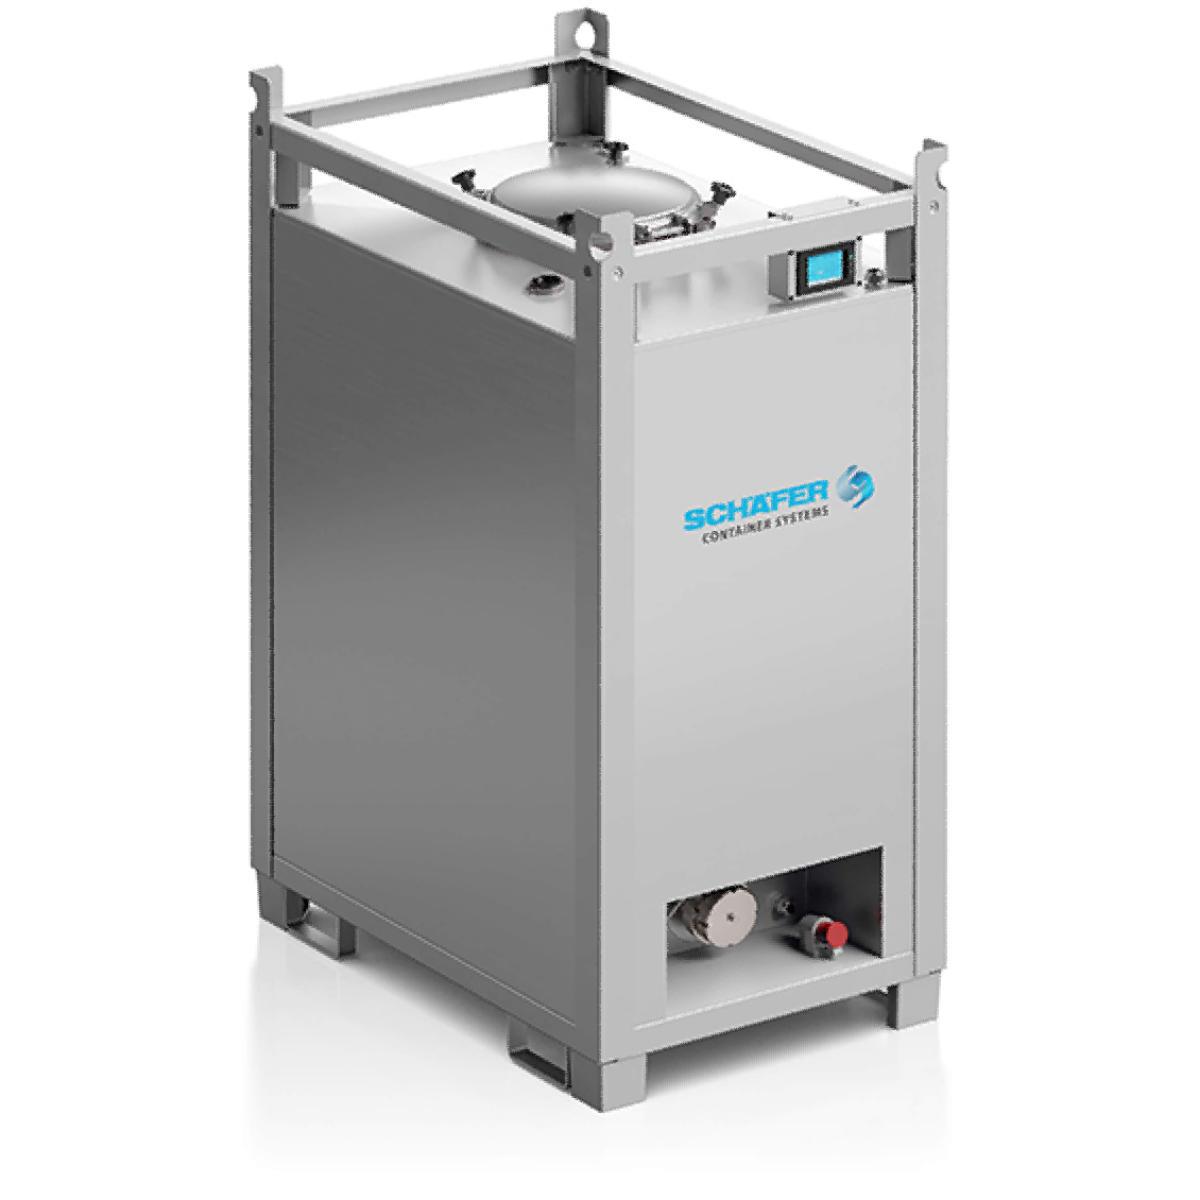 Schafer Heatable CHB